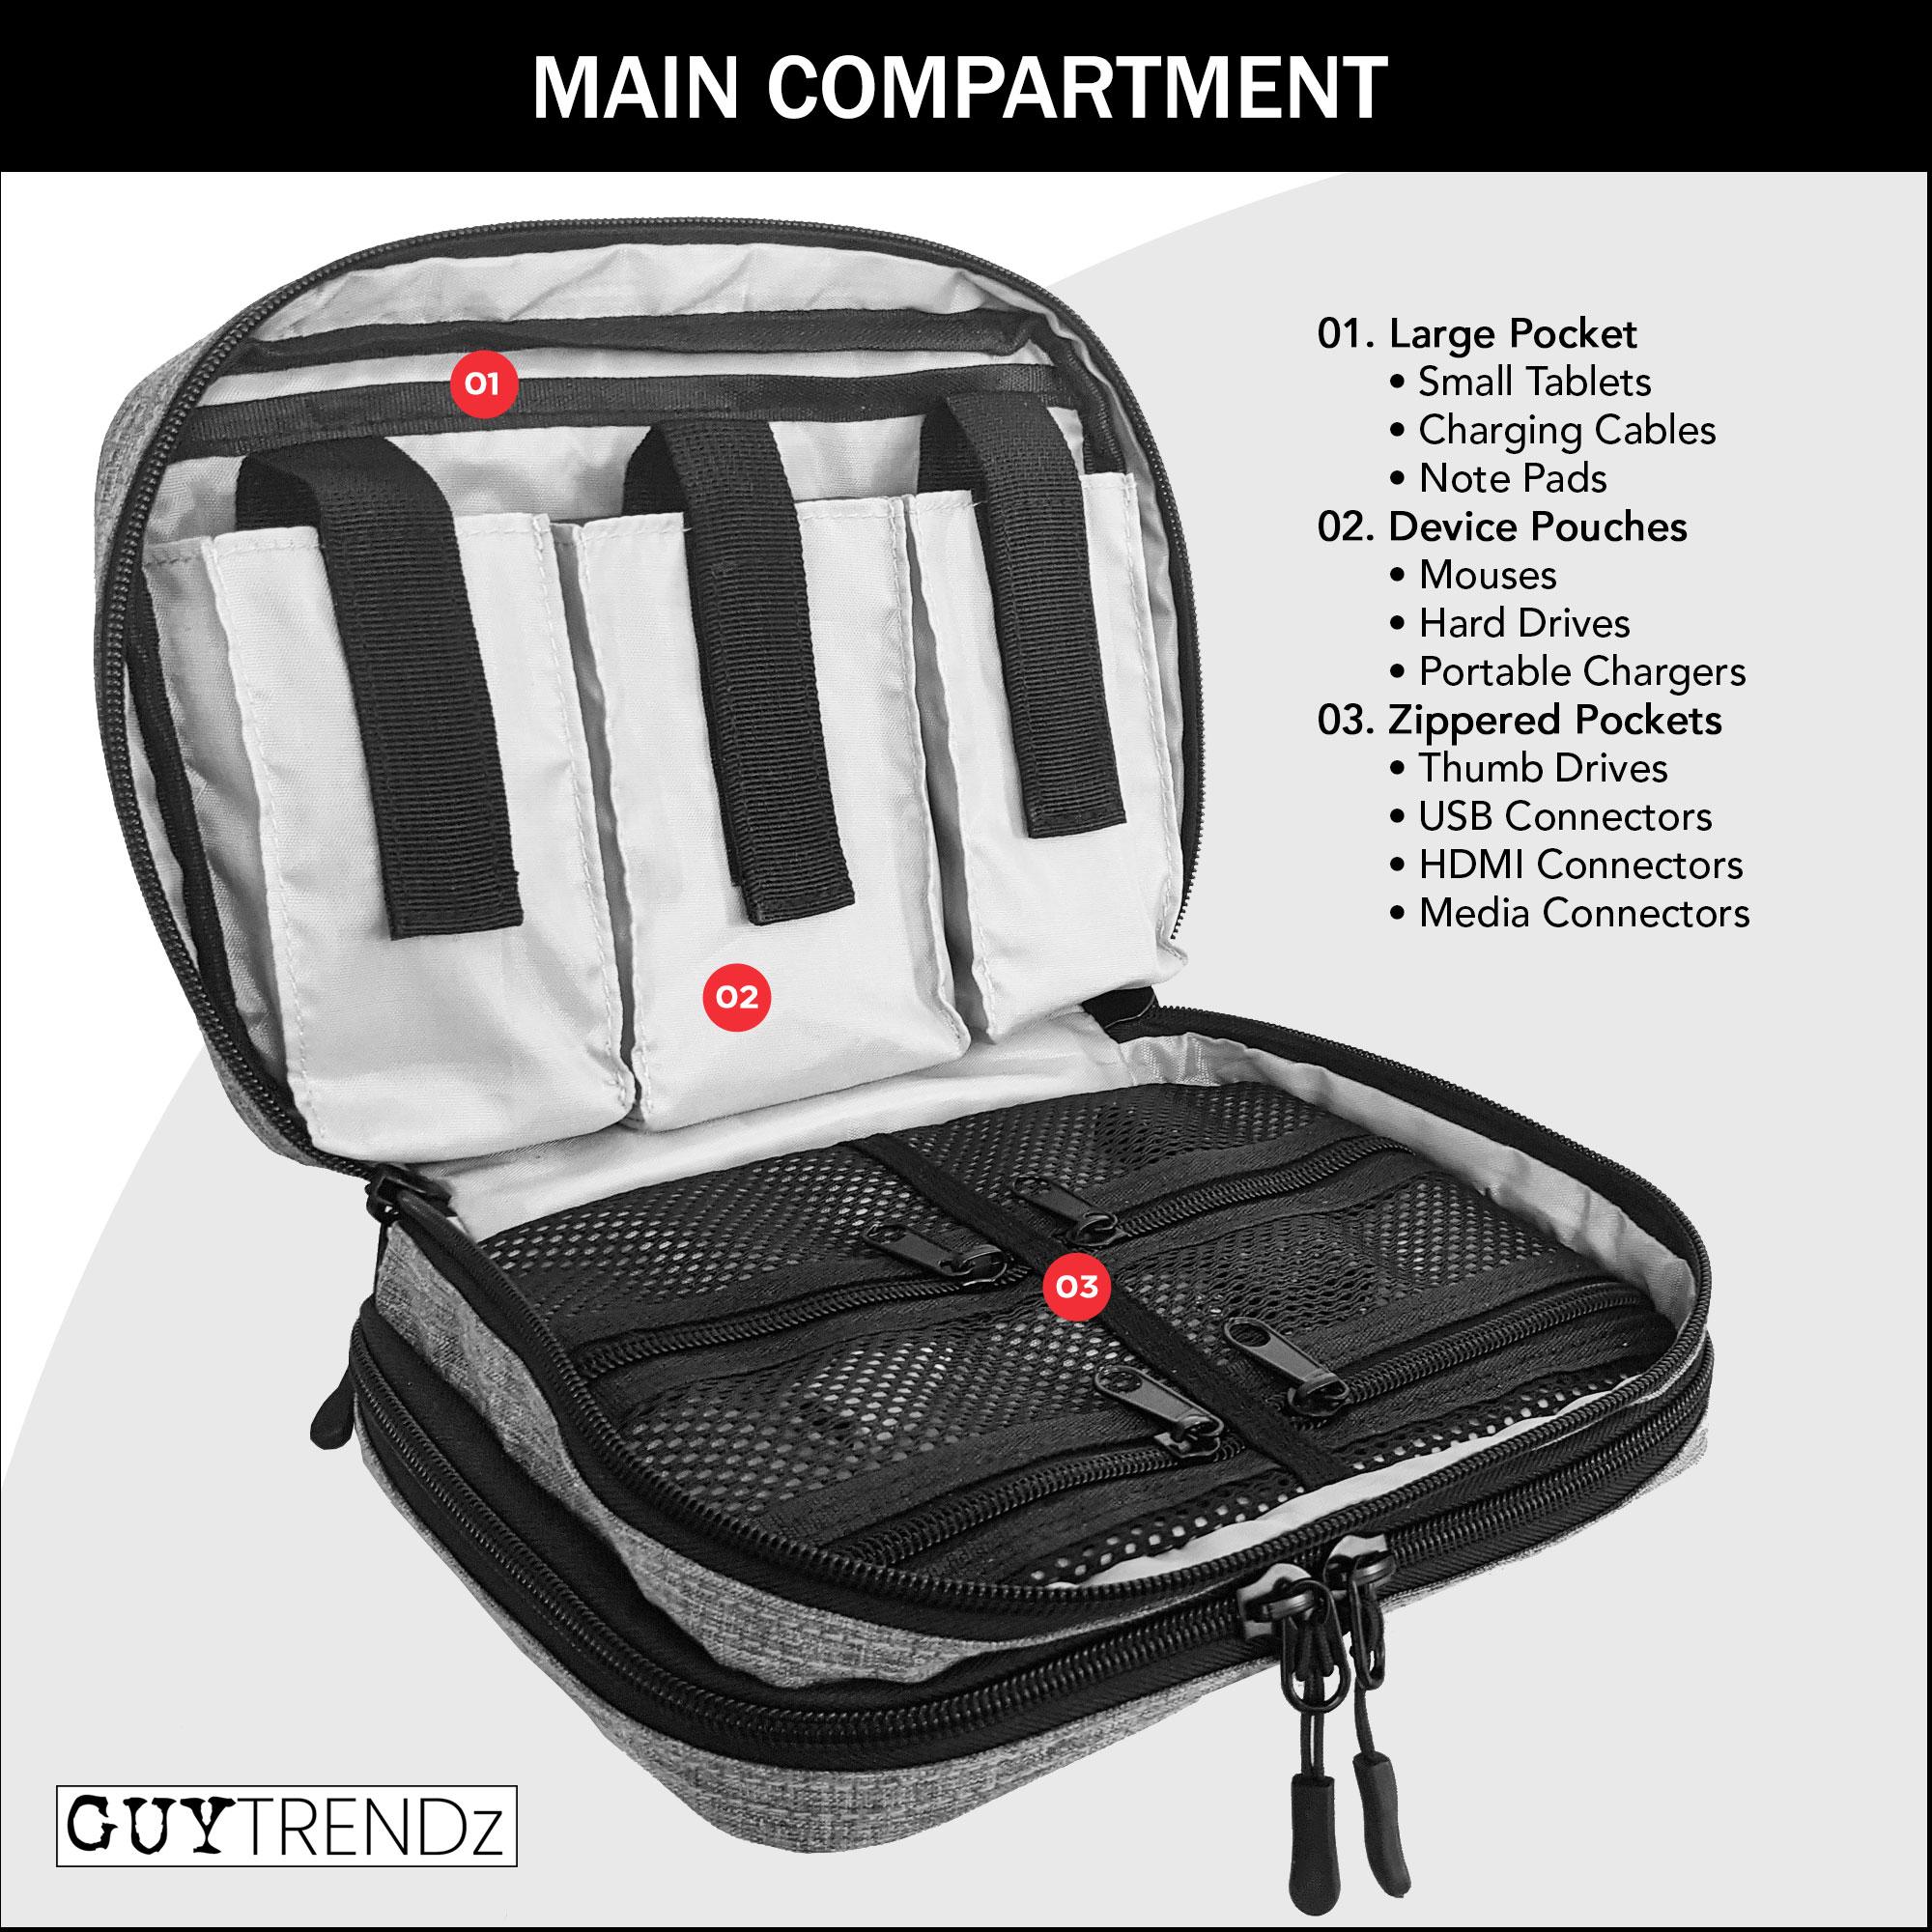 21 09 17 16 40 12 original b09fygb86s electronics bag compartment1